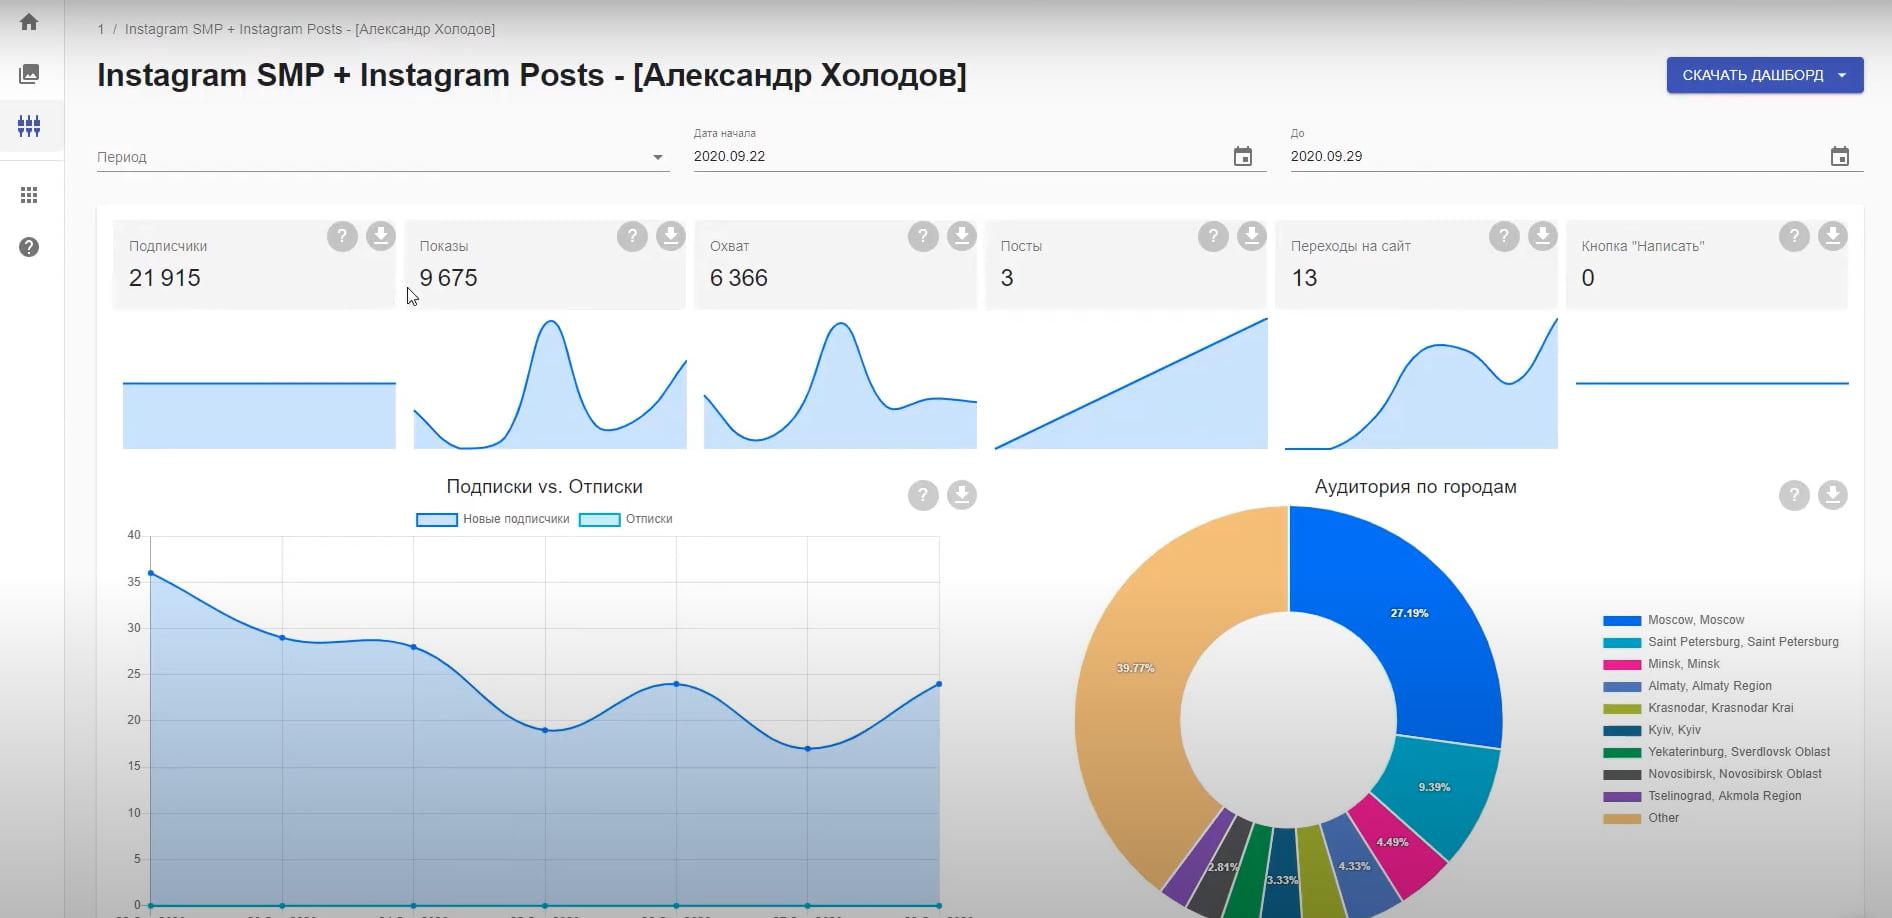 В шаблоне отображается вся необходимая информация о выбранной соцсети